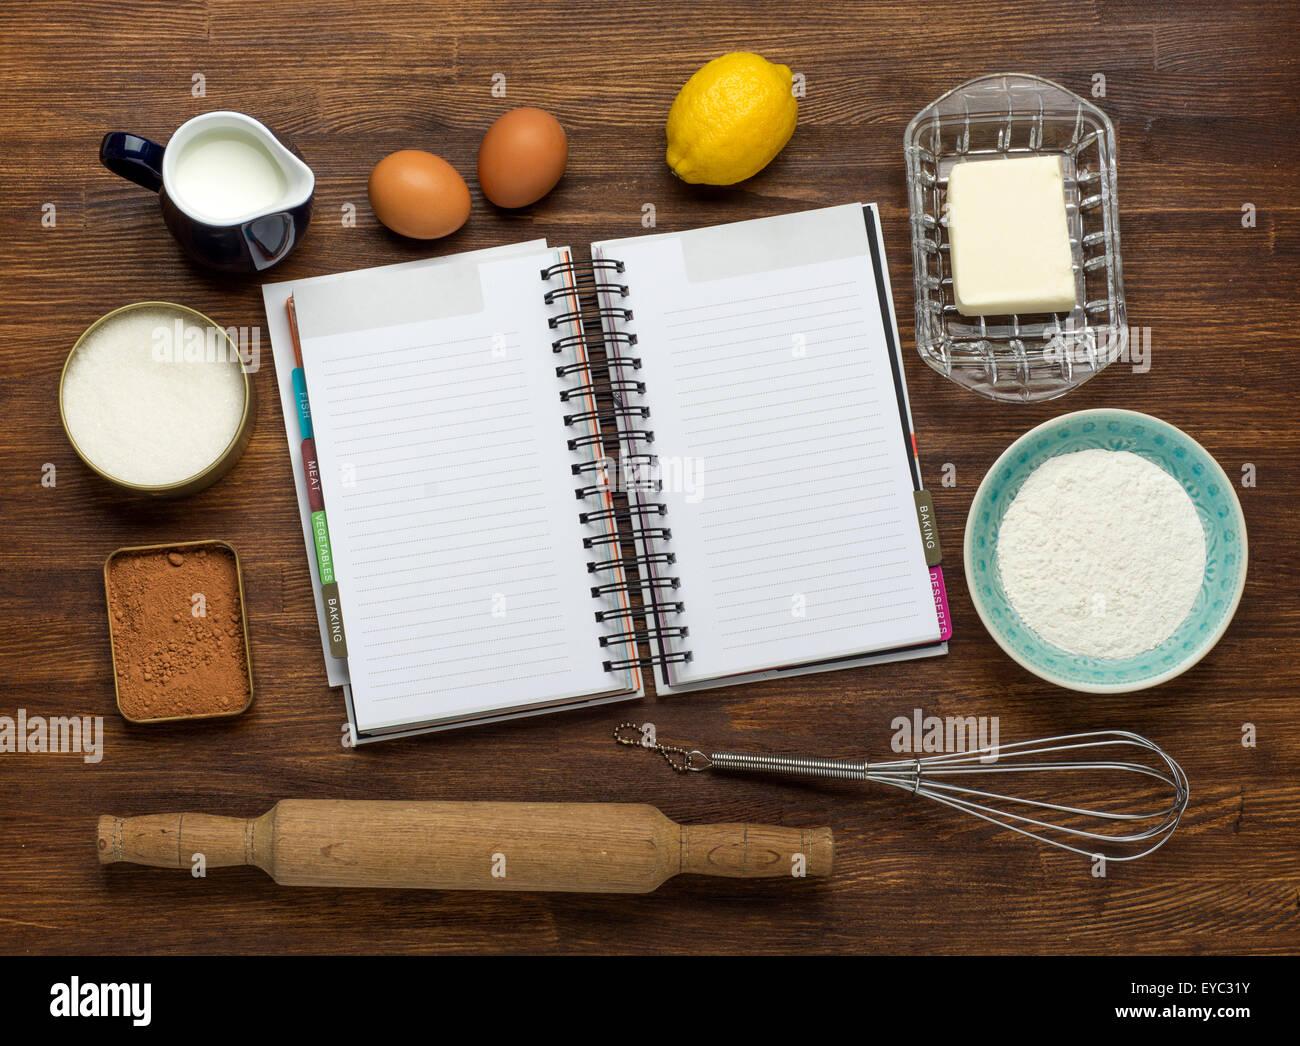 Backen Kuchen in ländlichen Küche - Teig Rezept Zutaten: Mehl, Milch ...